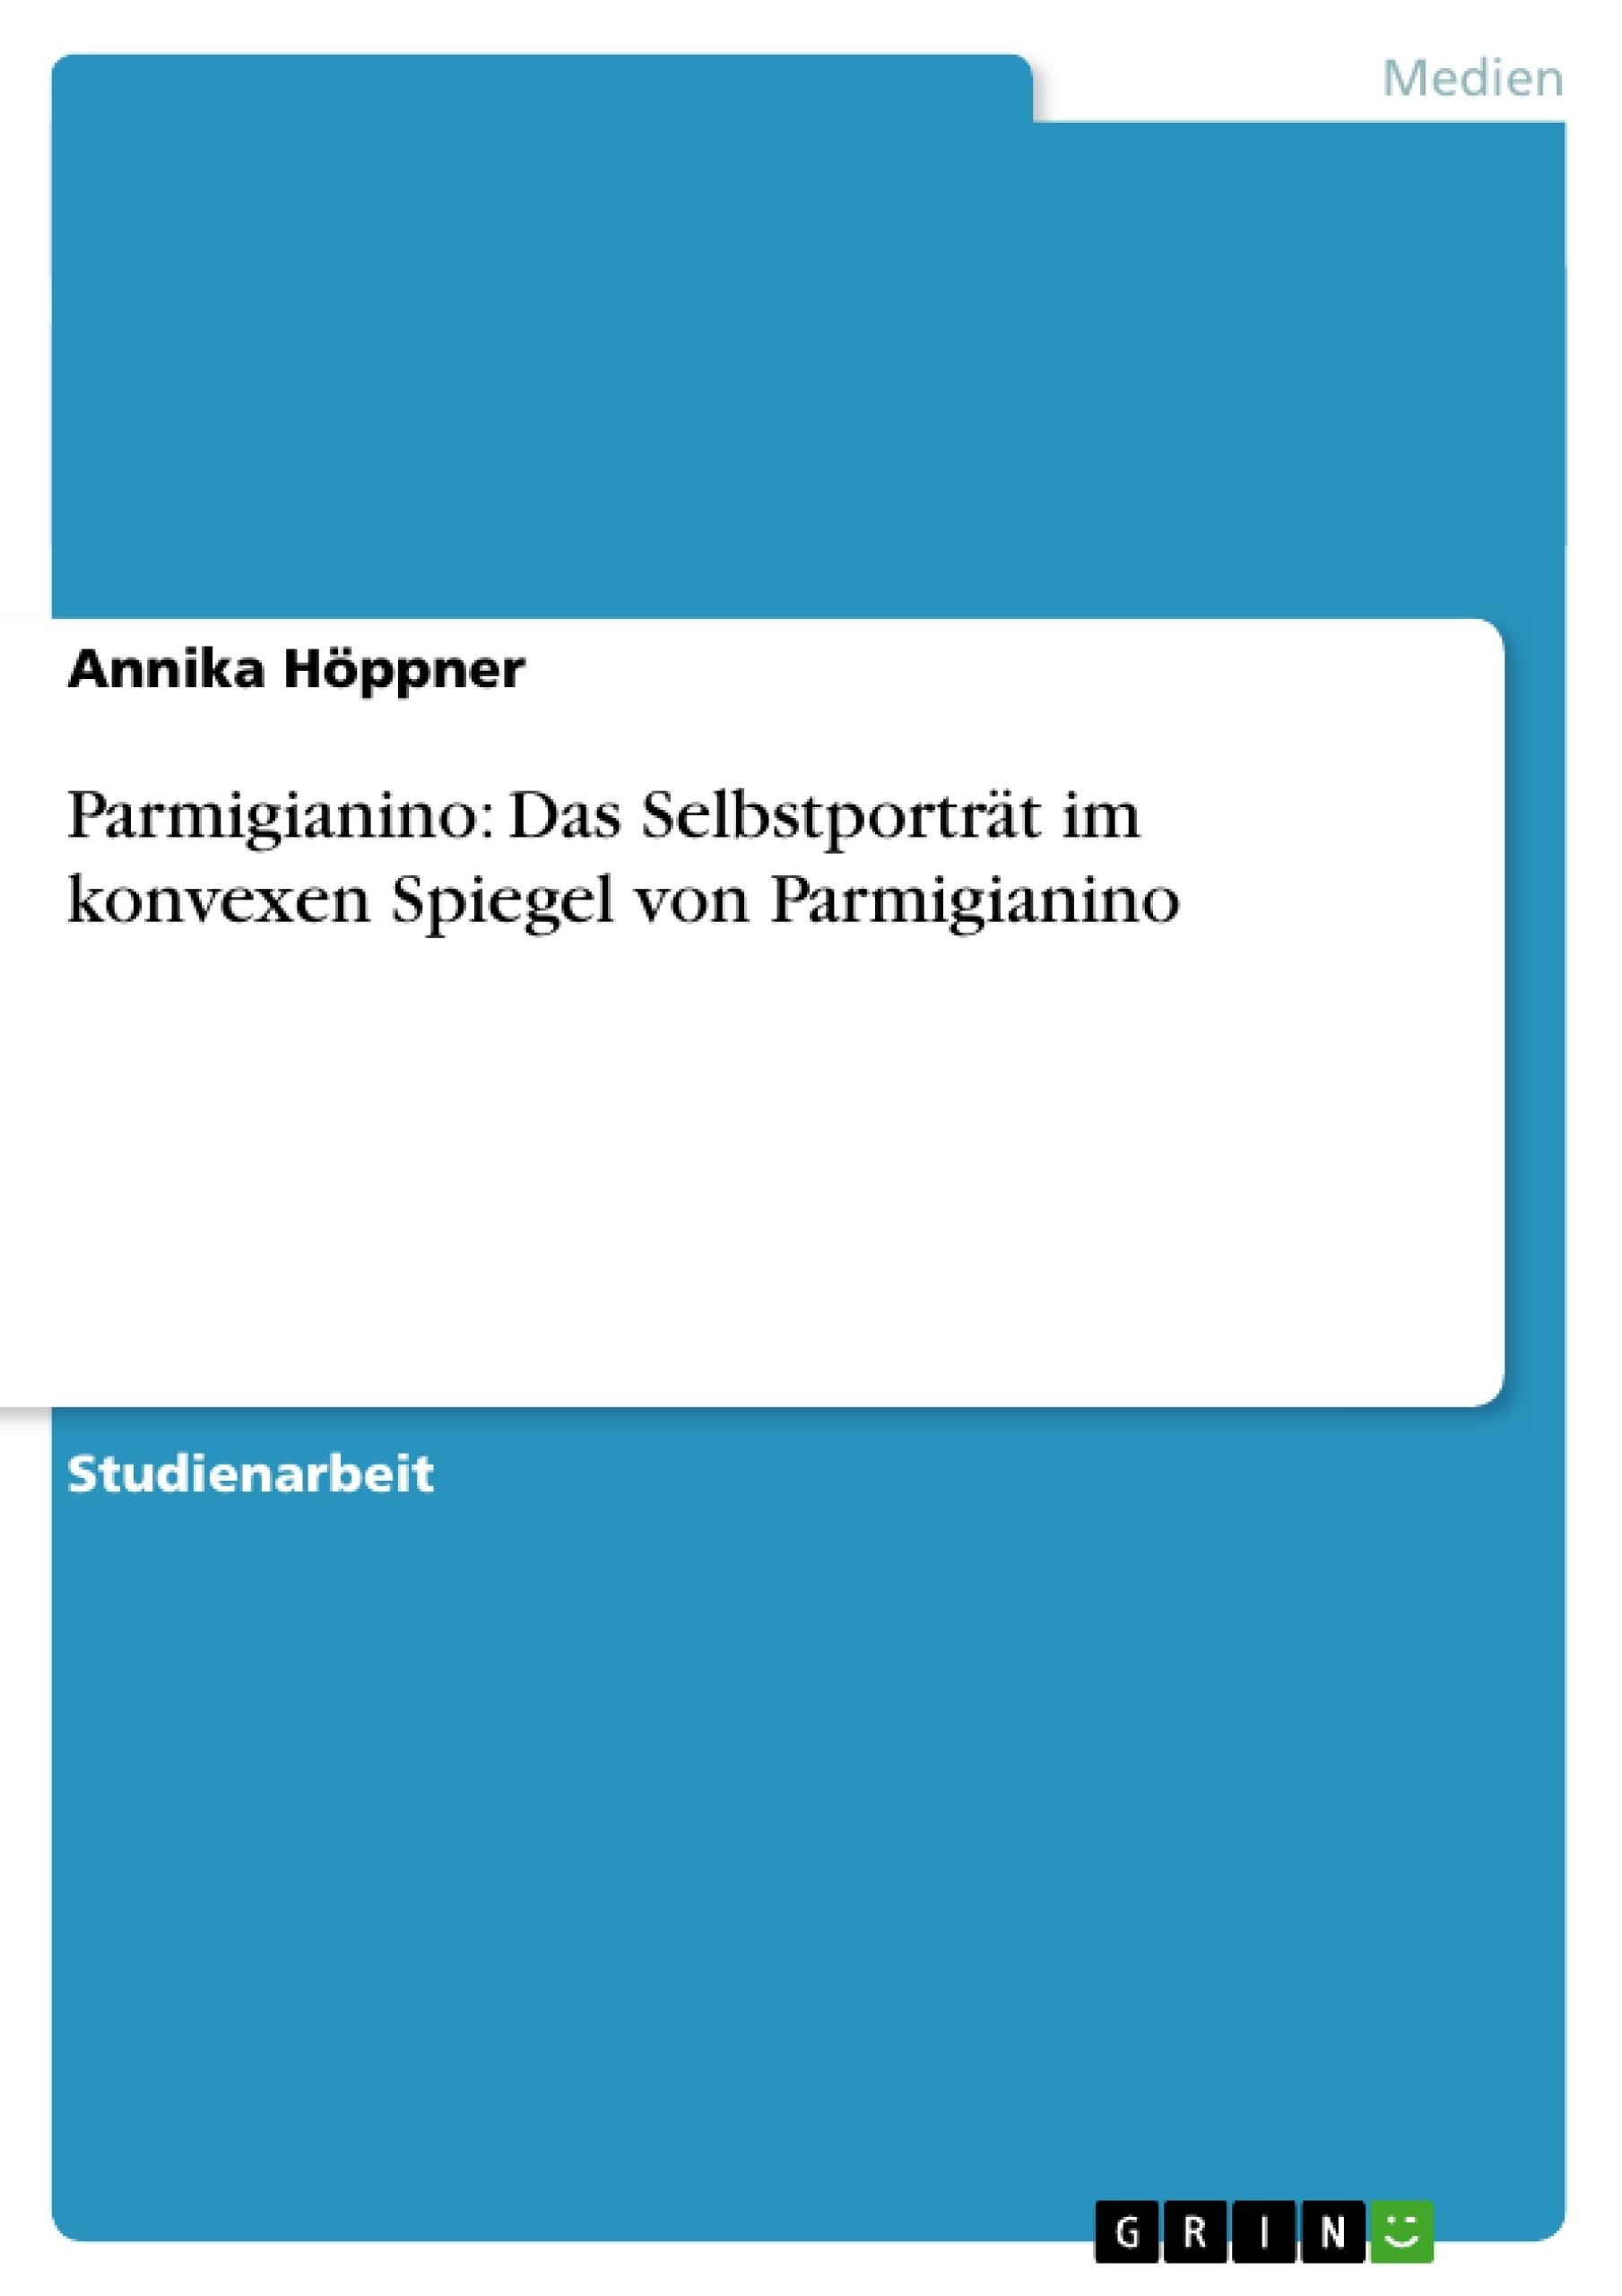 Titel: Parmigianino: Das Selbstporträt im konvexen Spiegel von Parmigianino